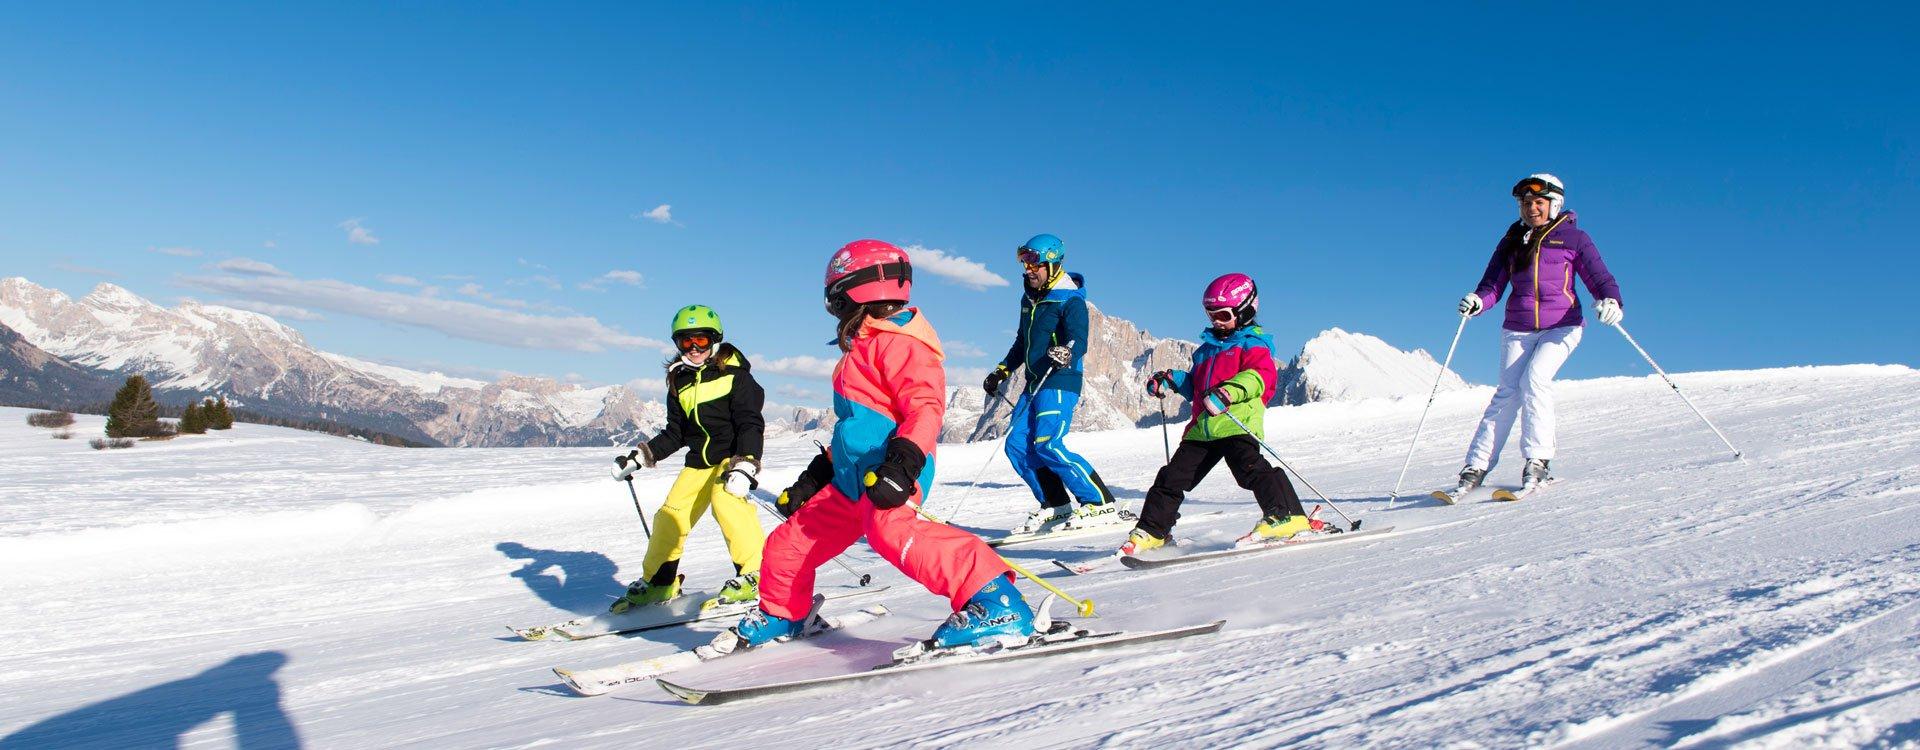 skiurlaub-seiser-alm-06